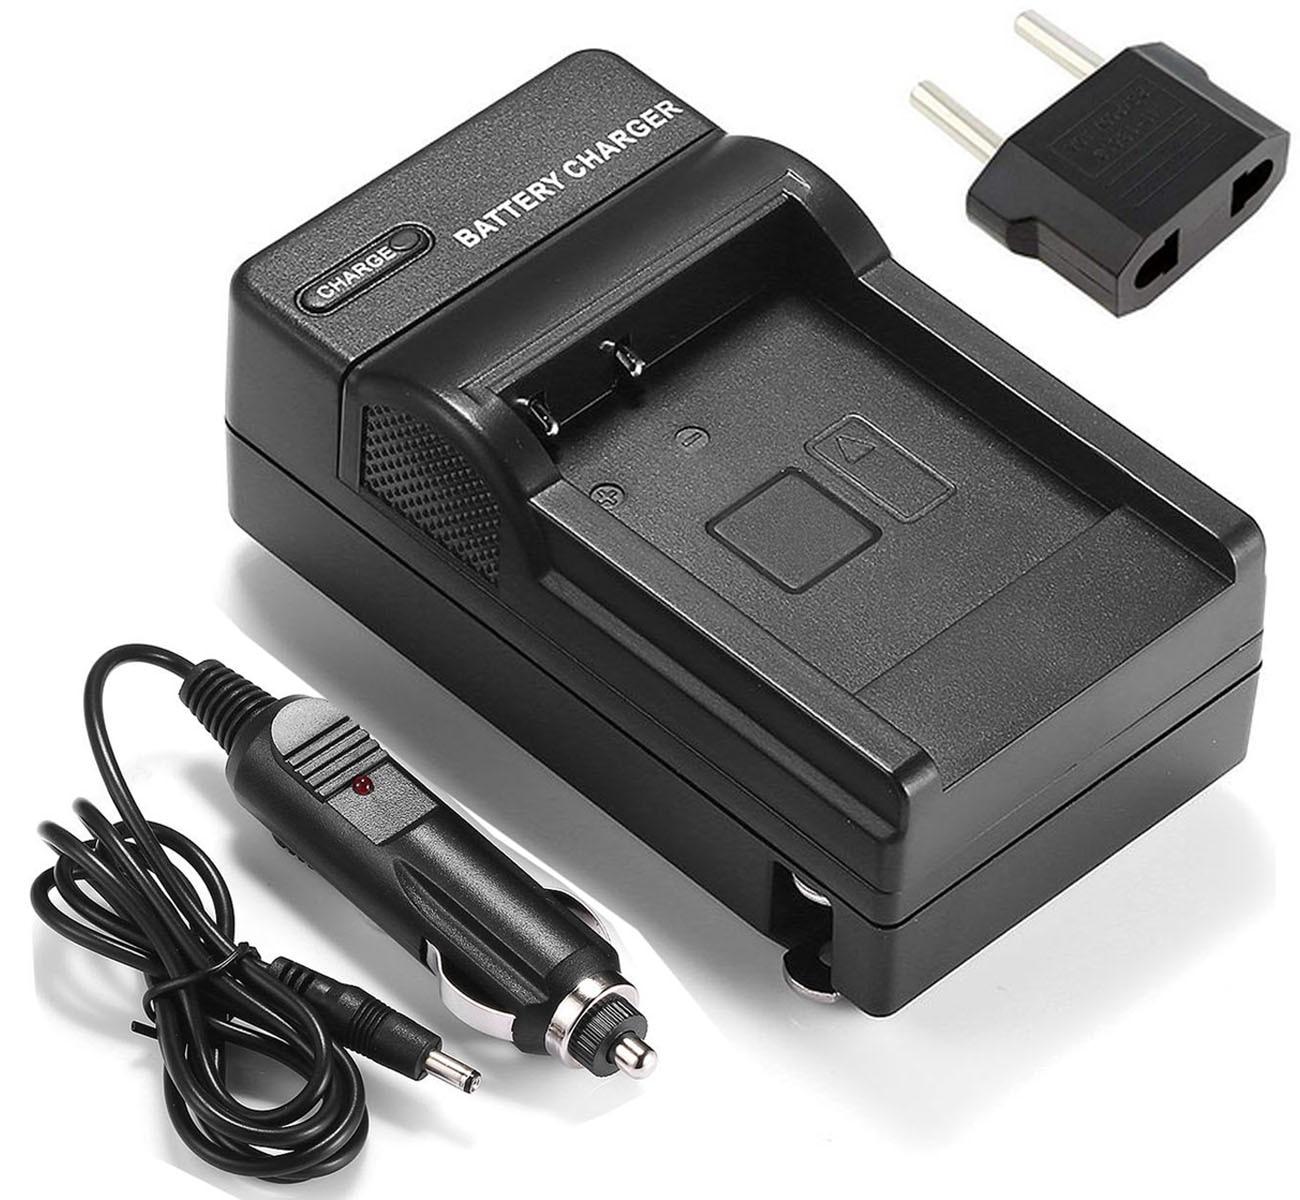 Cargador de batería para Samsung VP-D55, VP-D101, VP-D103, VP-D105, VP-D301, VP-D303, VP-D303D, VP-D305, VP-D307 y videocámara